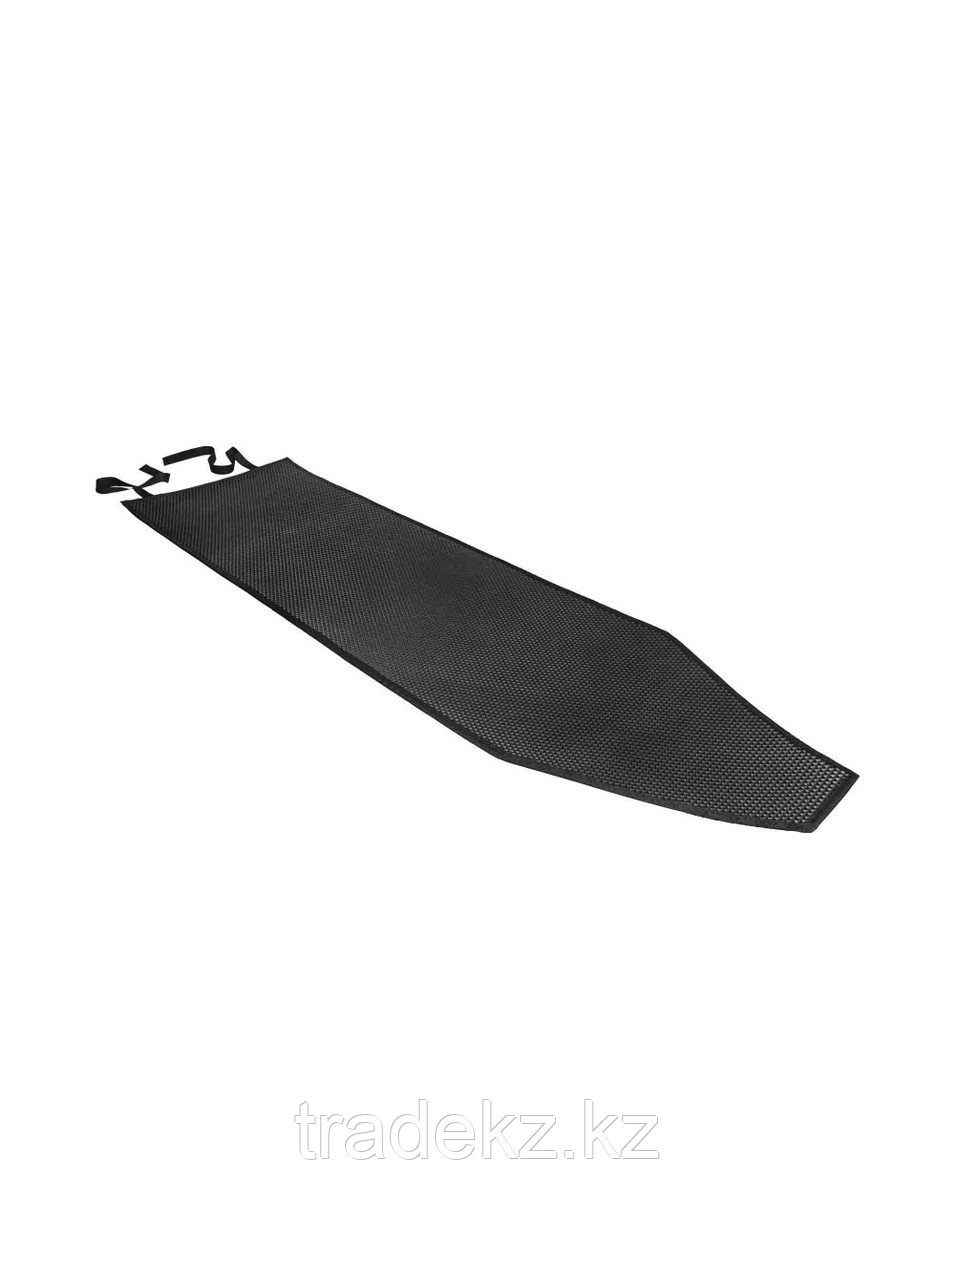 Коврик ЭВА EVA Proff по форме дна для лодки ТАЙМЕНЬ 3400 НДНД (Таймень LX 3400 НДНД)